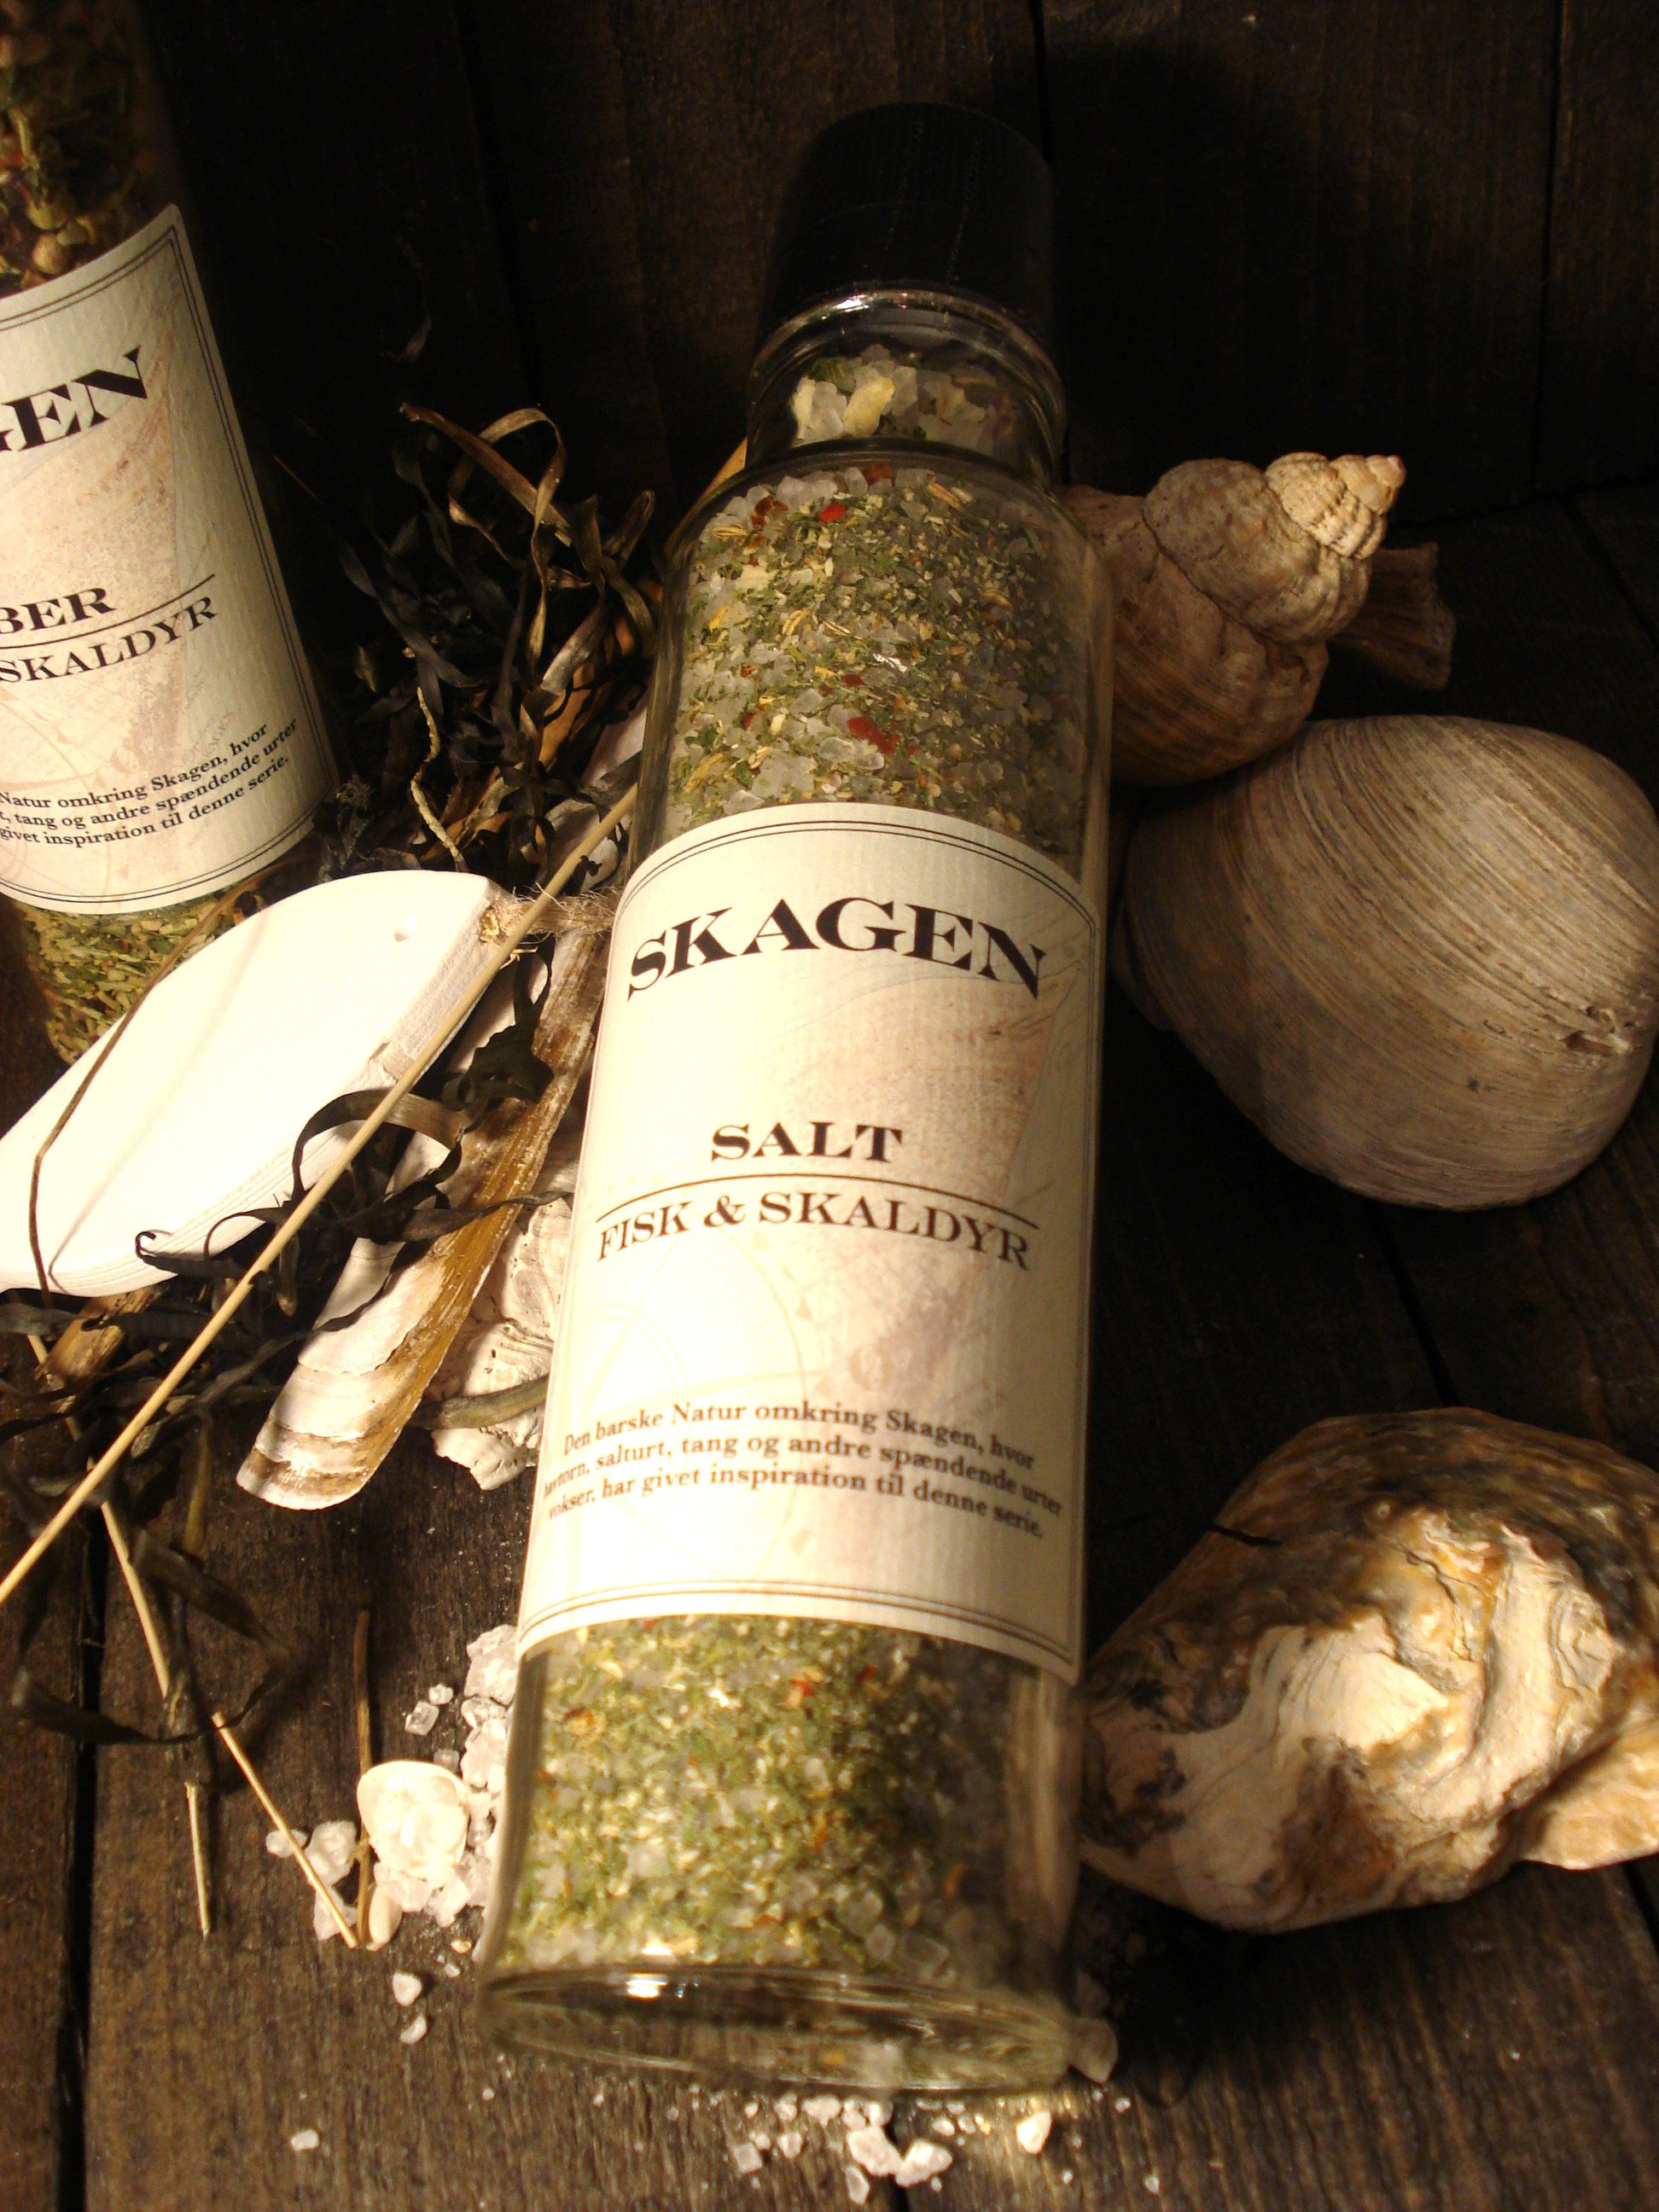 SKAGEN Salt til fisk og skaldyr